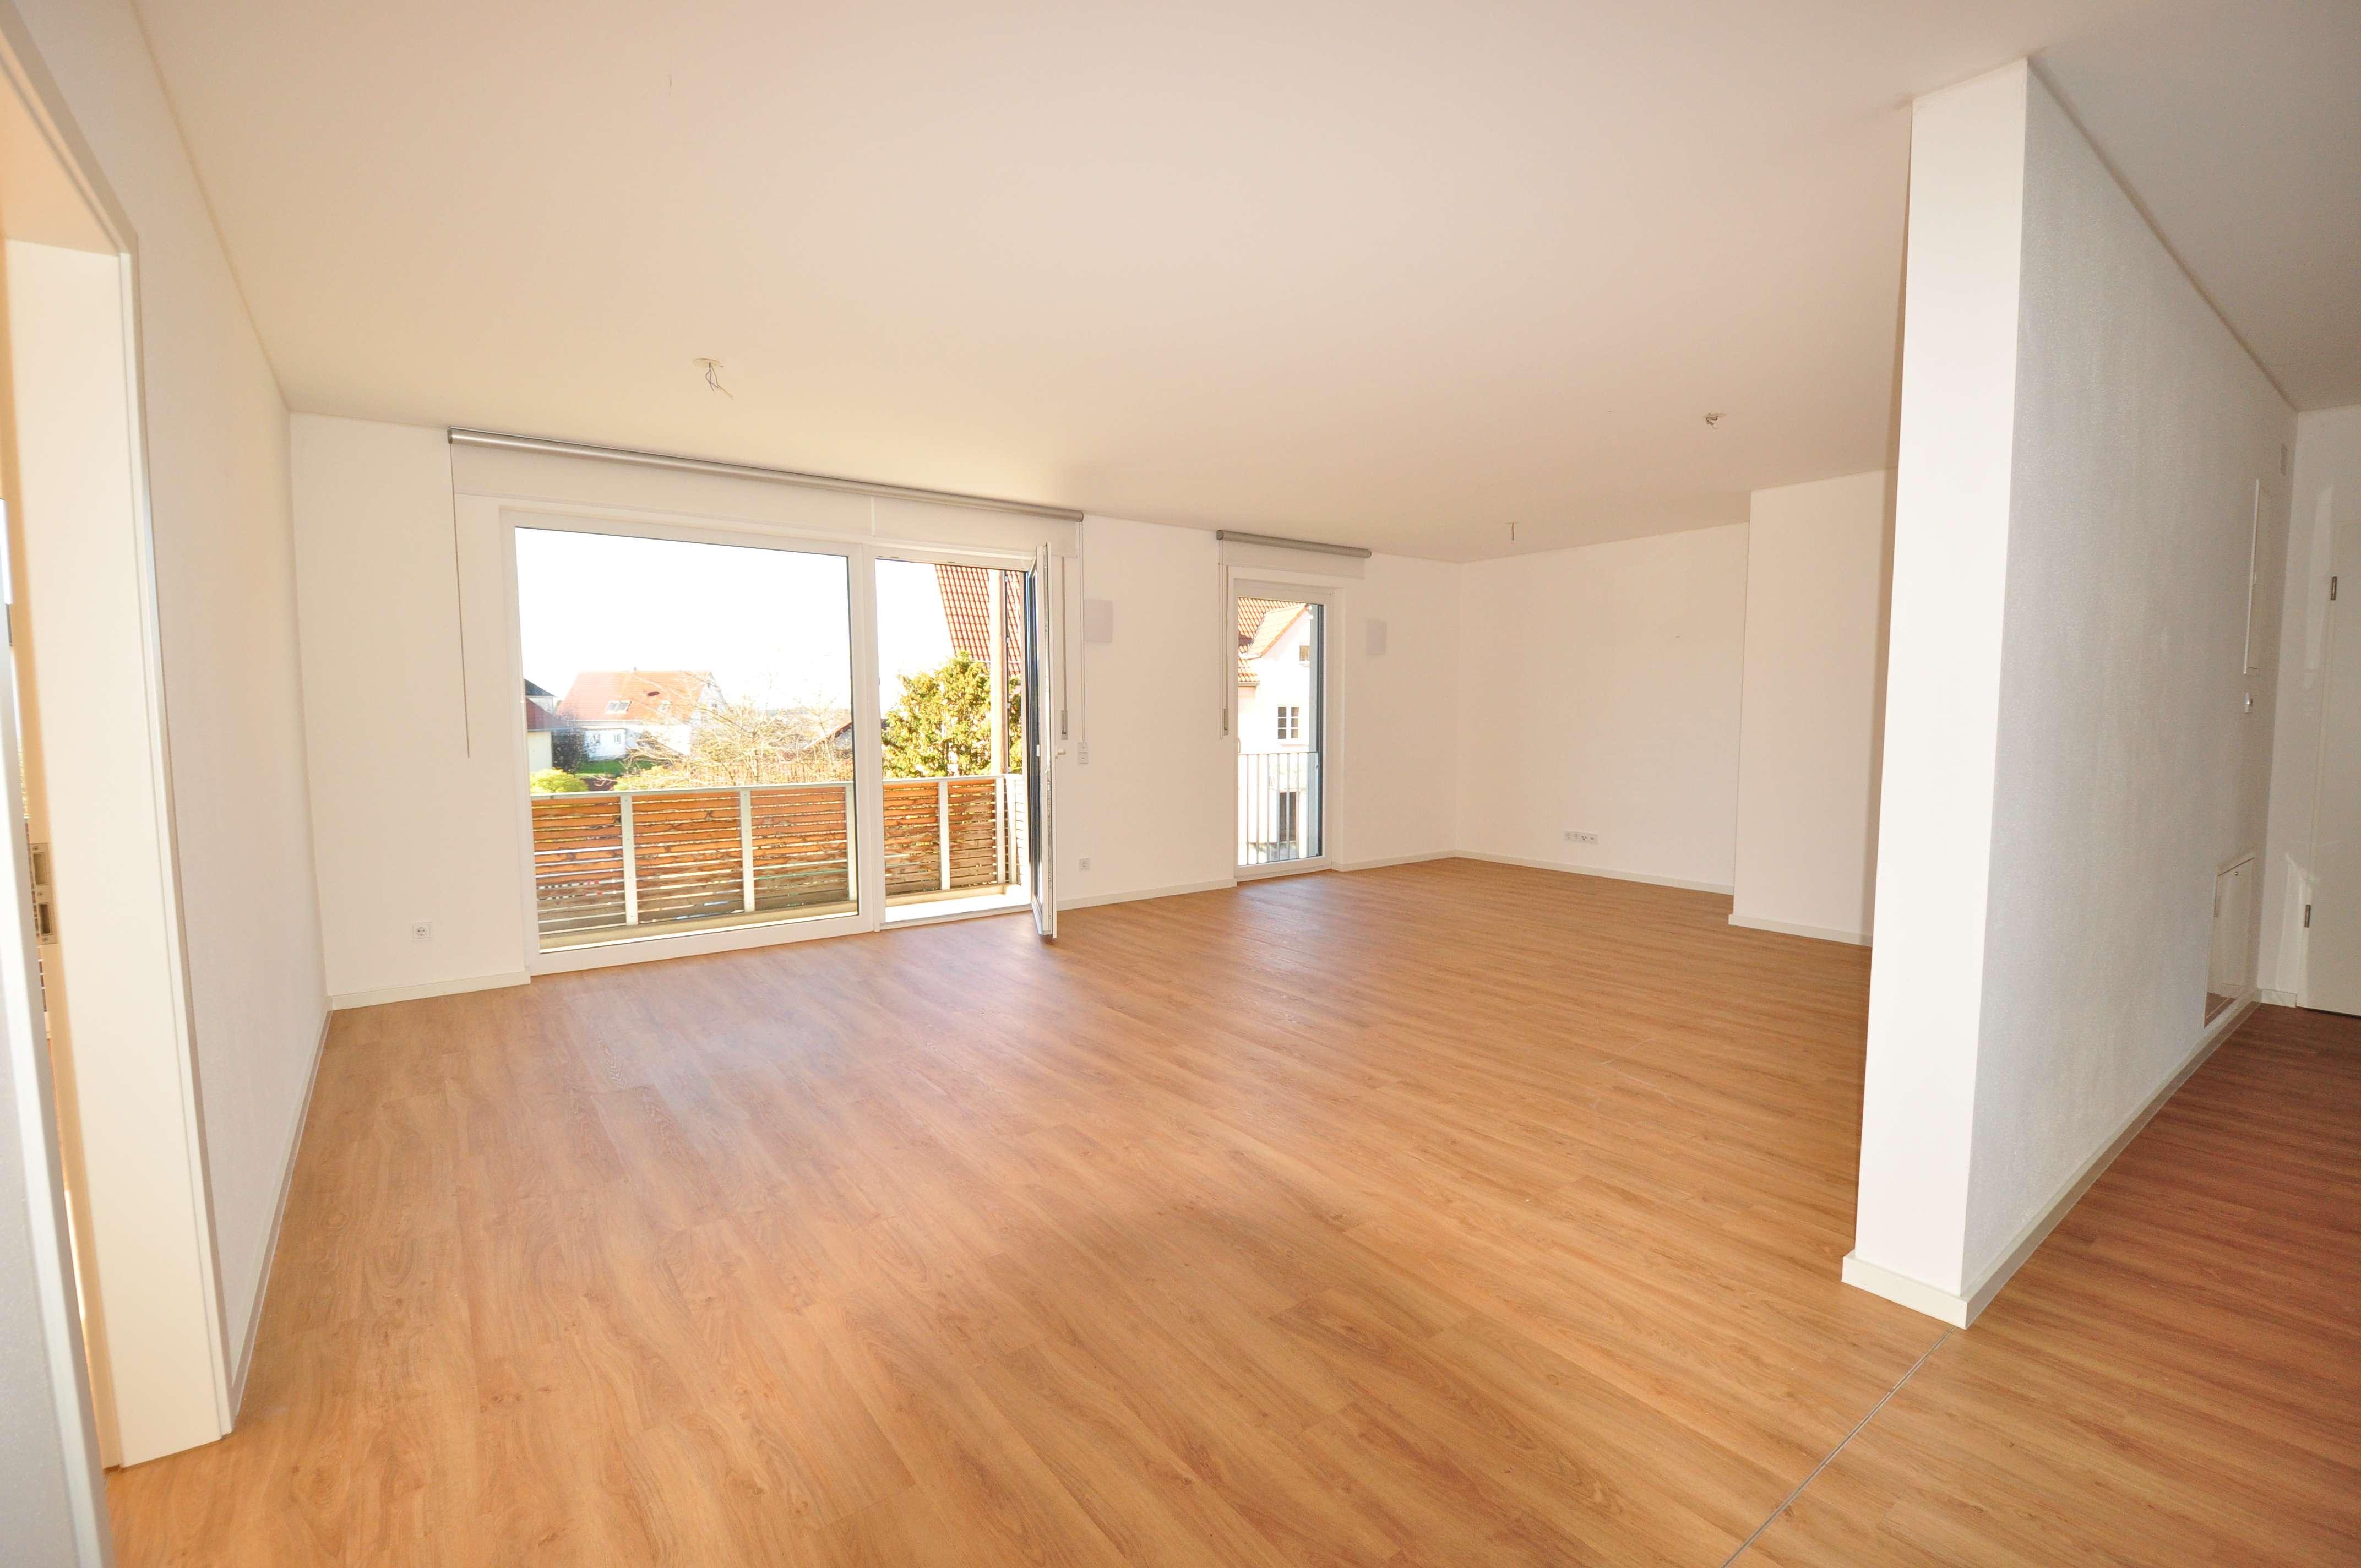 Neuwertige 3 ZKB-Wohnung mit großem Balkon, top Ausstattug, EBK-Ablöse mögl, zzgl. Garage in Kissing in